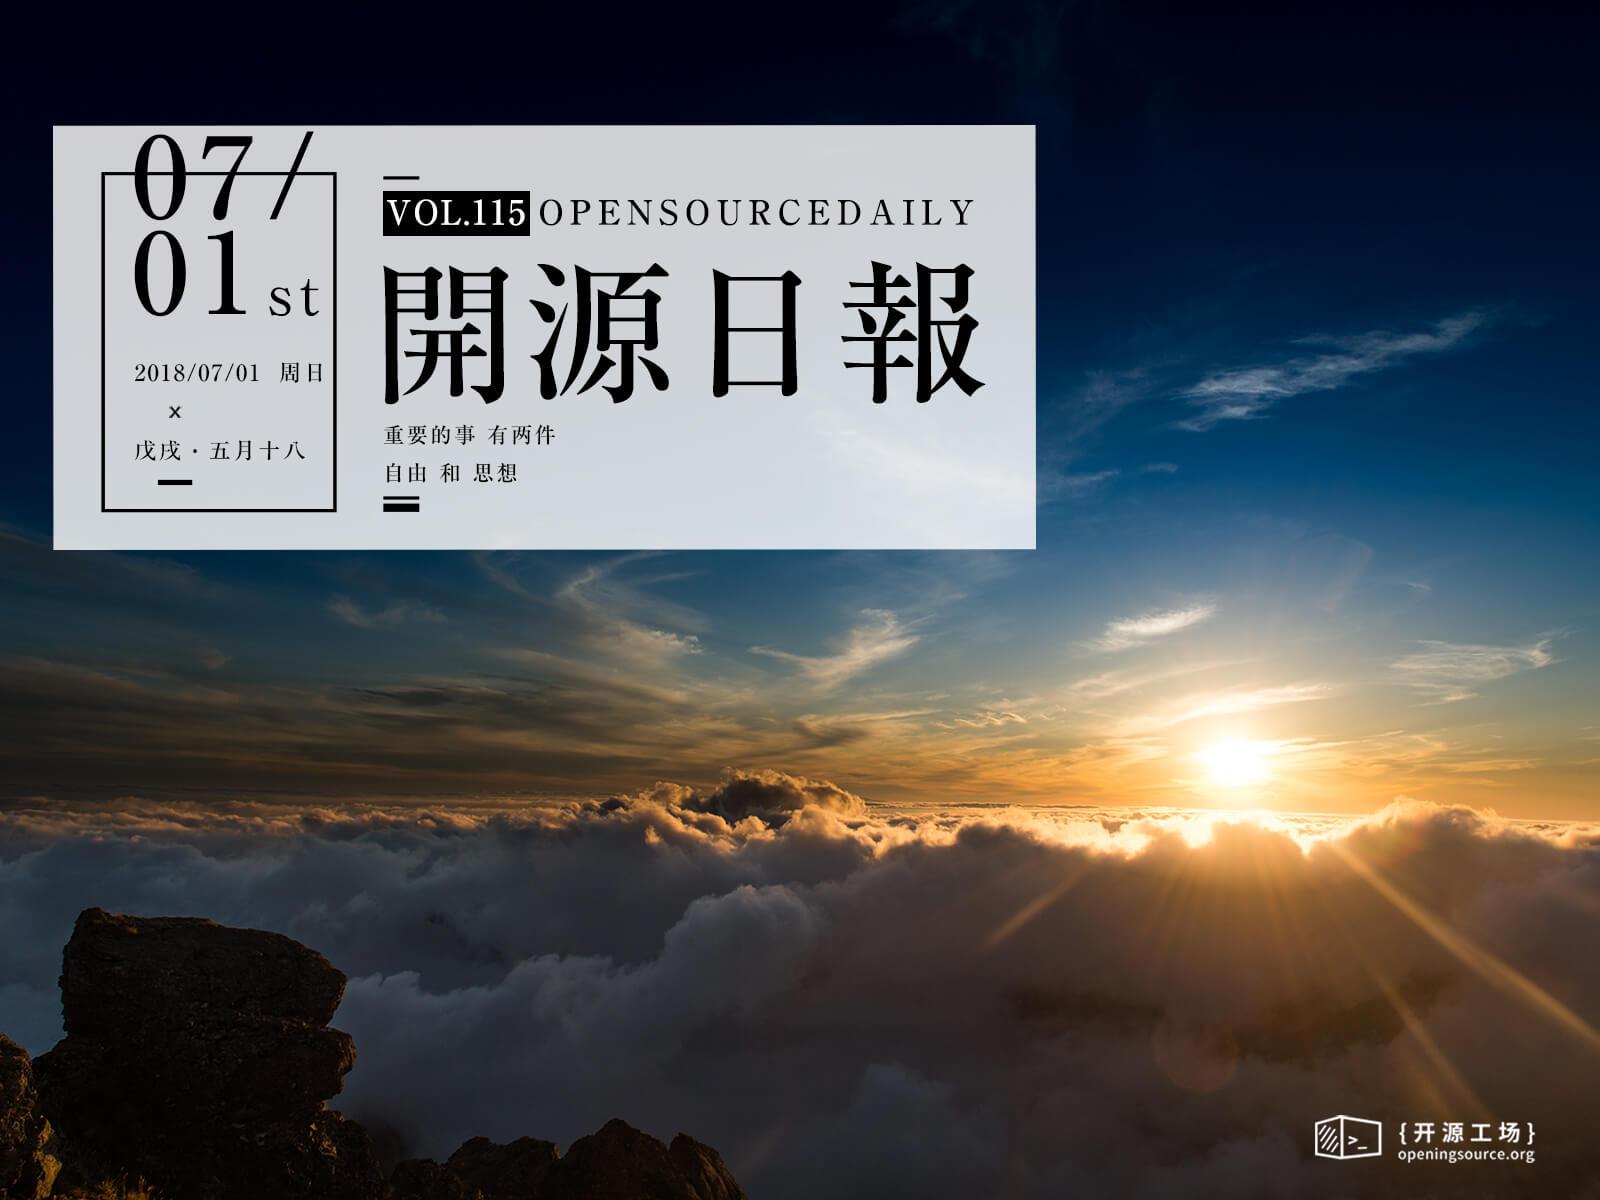 2018年7月1日:开源日报第115期